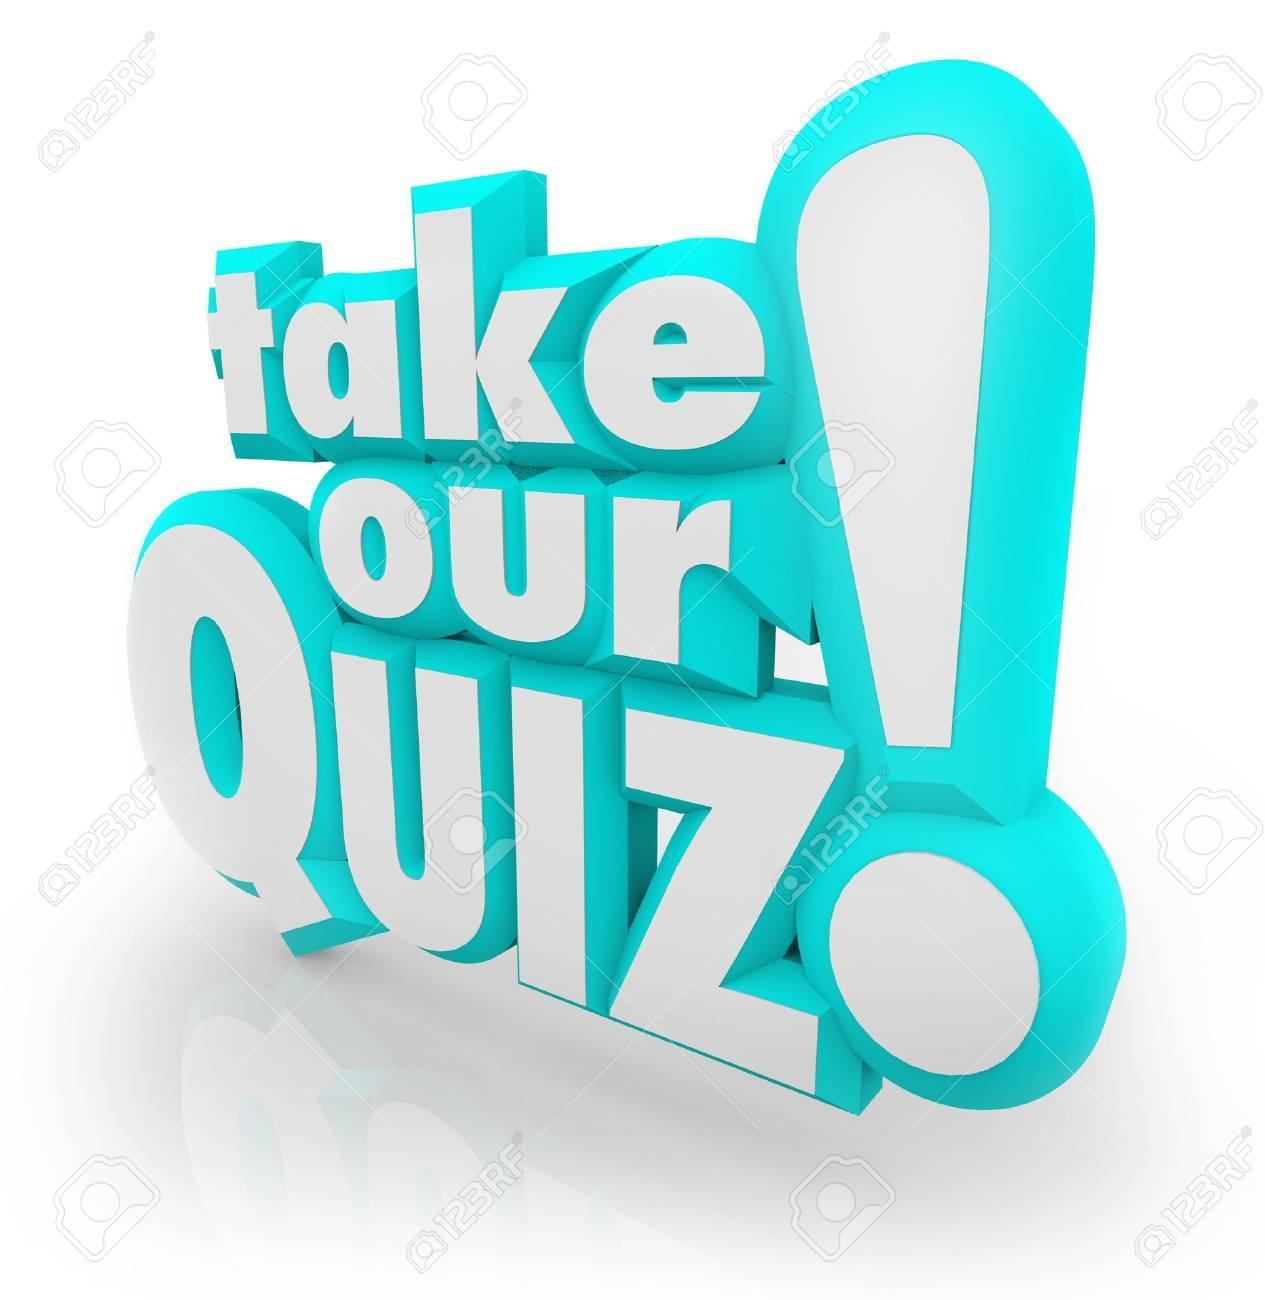 les mots répondez à notre quiz en lettres 3d bleu pour illustrer une